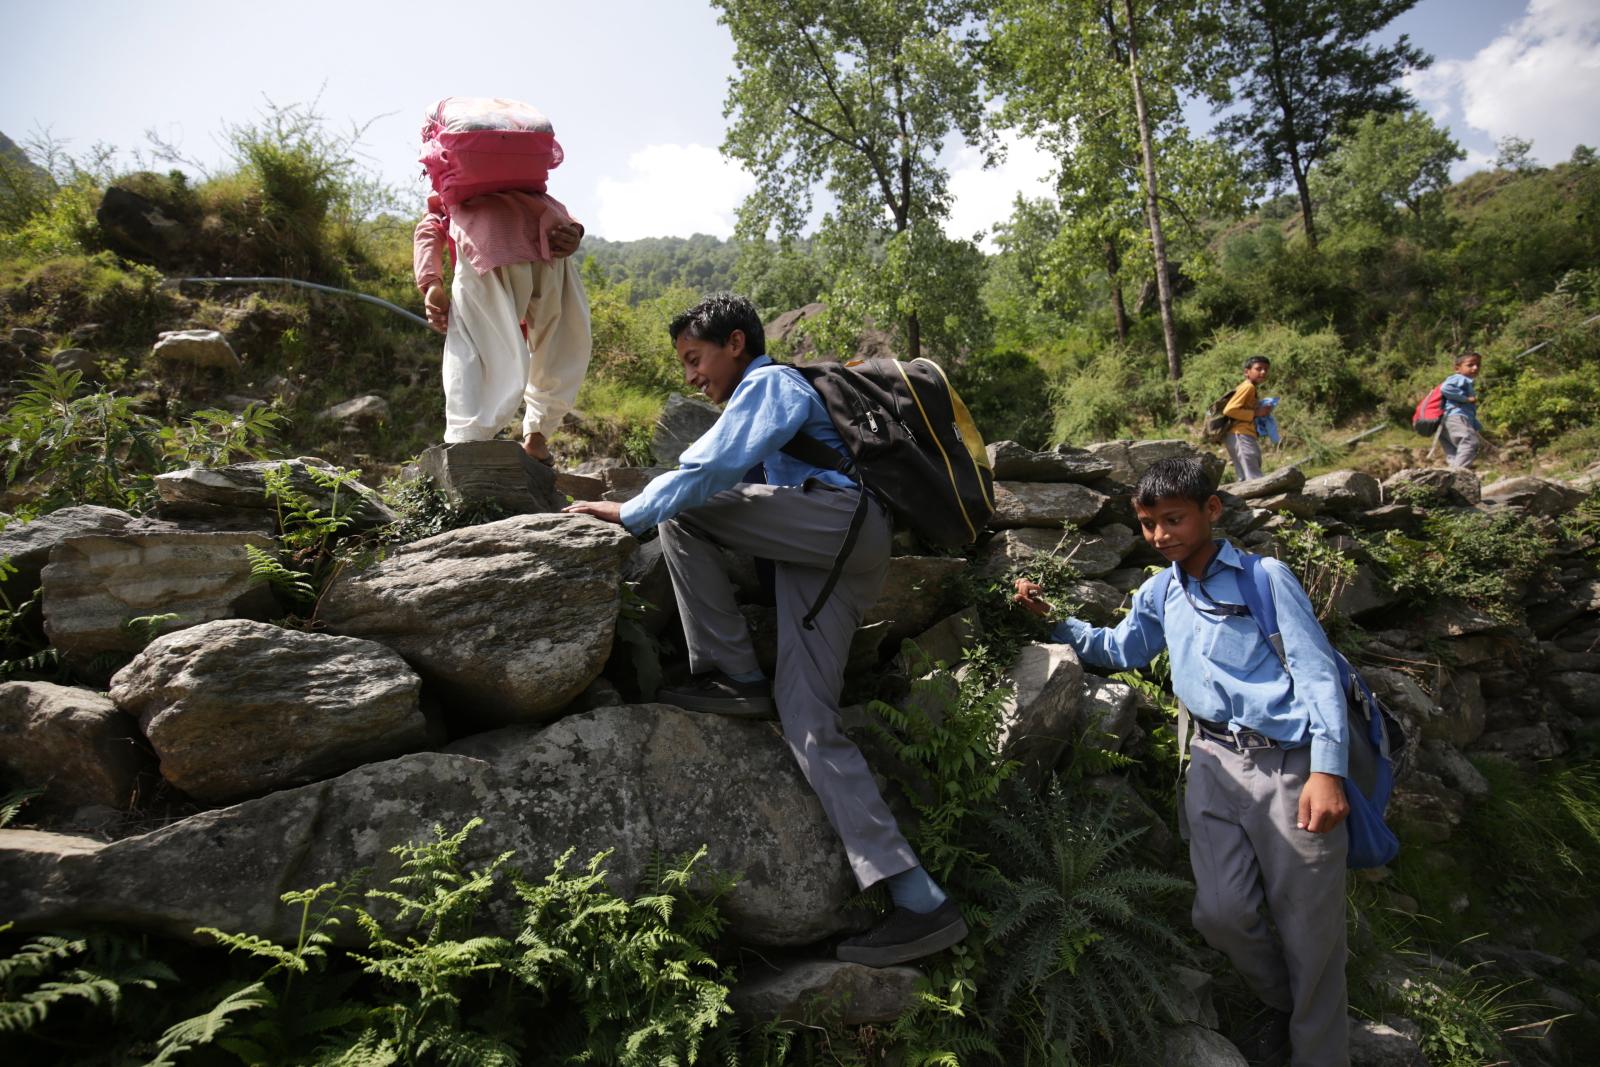 Indyjskie dzieci wspinają się na skały wracając ze szkoły. Fot. PAP/EPA/RAMINDER PAL SINGH